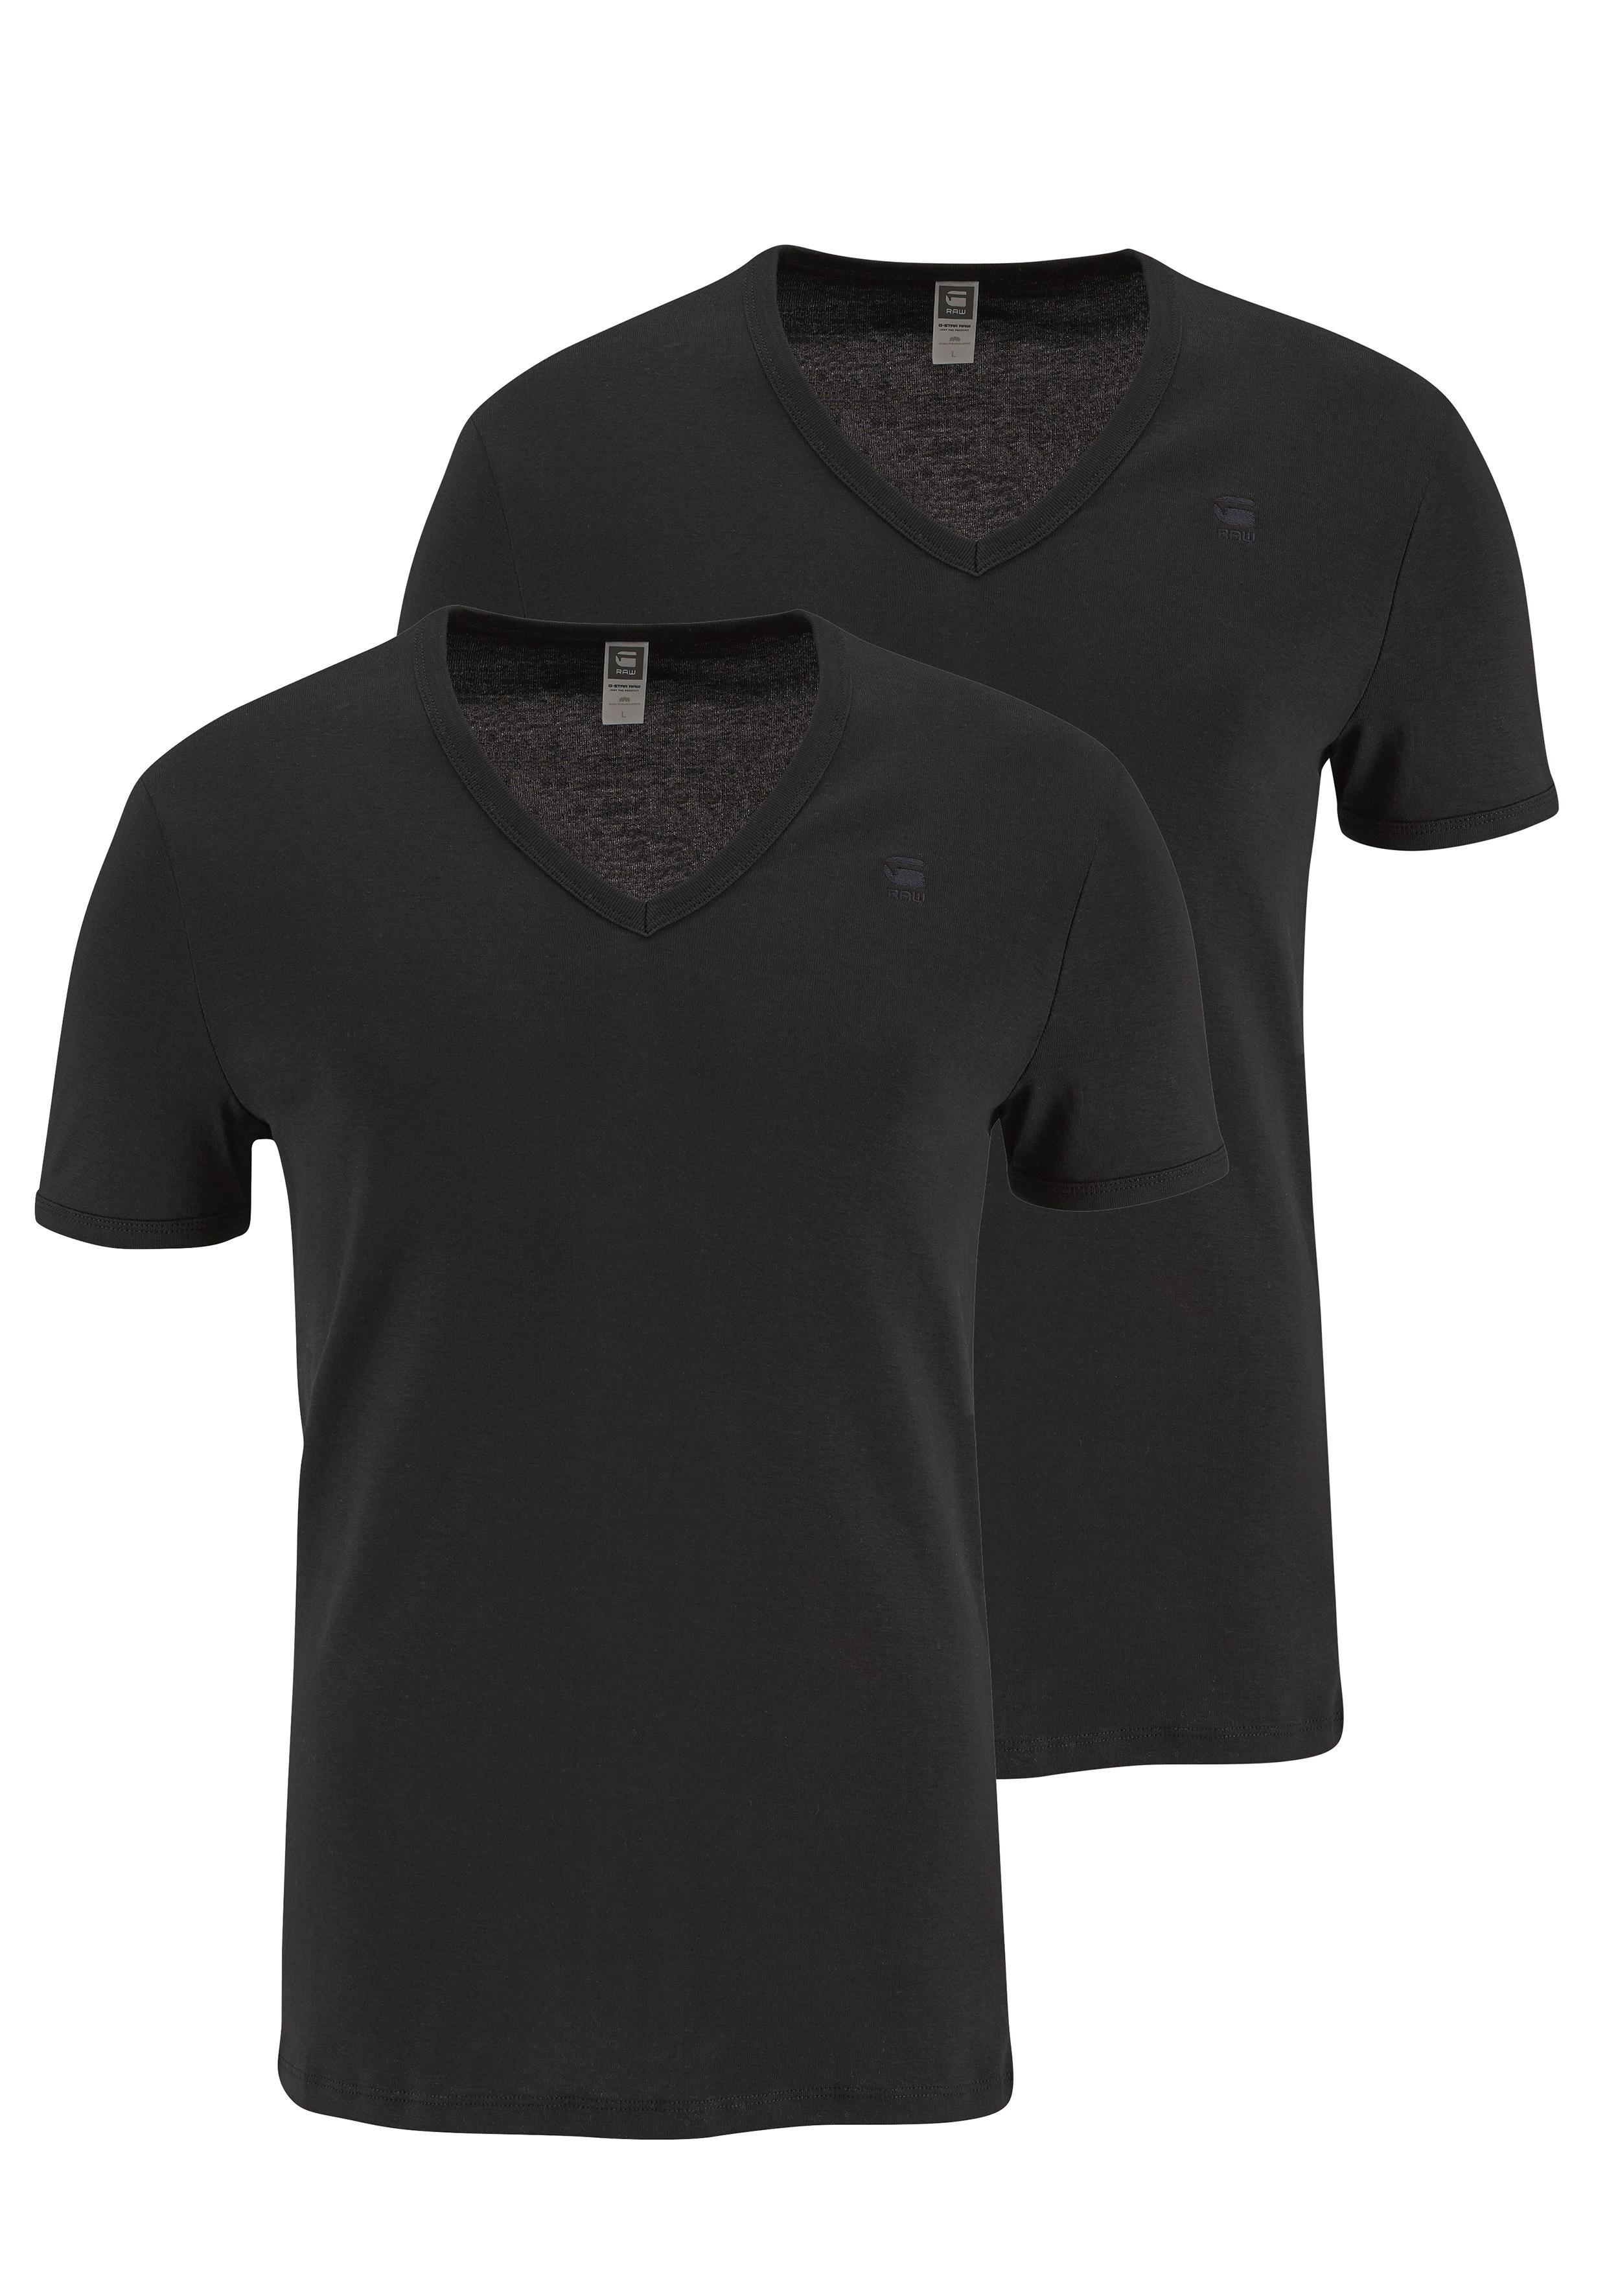 G-Star Raw G-STAR T-shirt (set van 2) voordelig en veilig online kopen